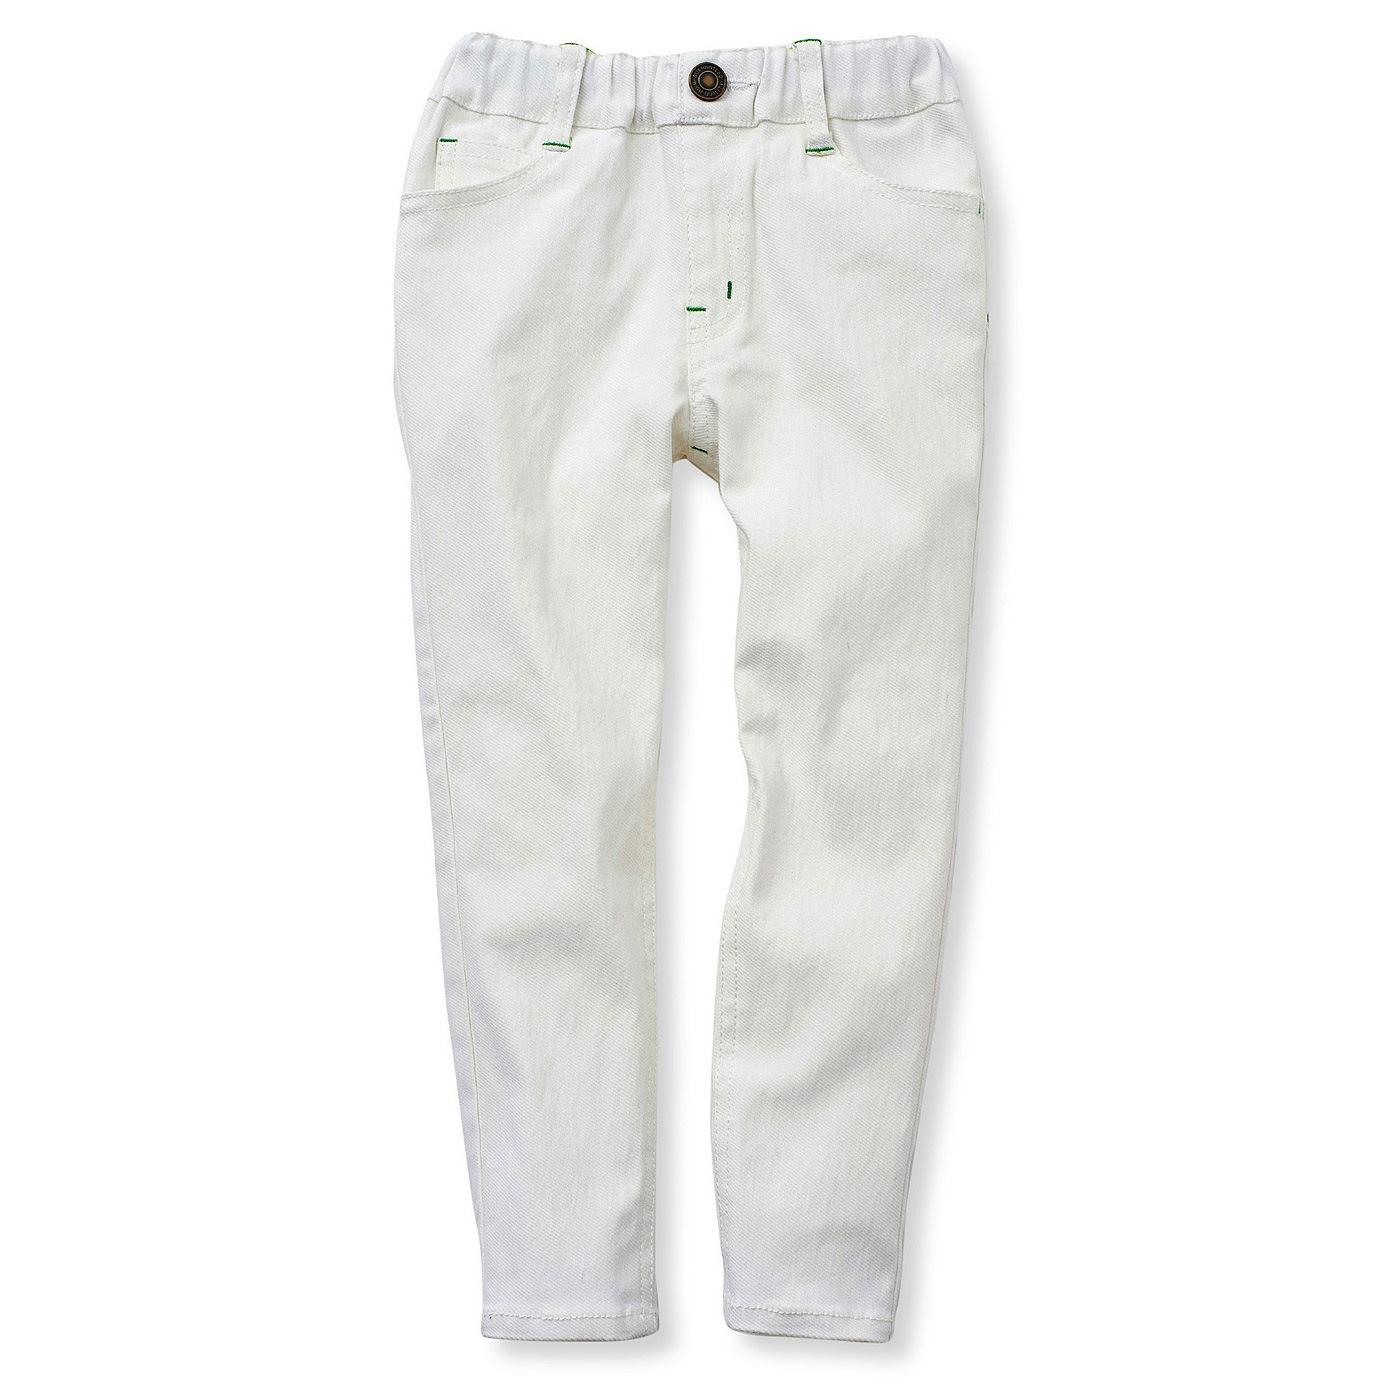 人気のホワイトカラーは春夏のおしゃれにぴったり。どんなカラーのトップスとも相性抜群。